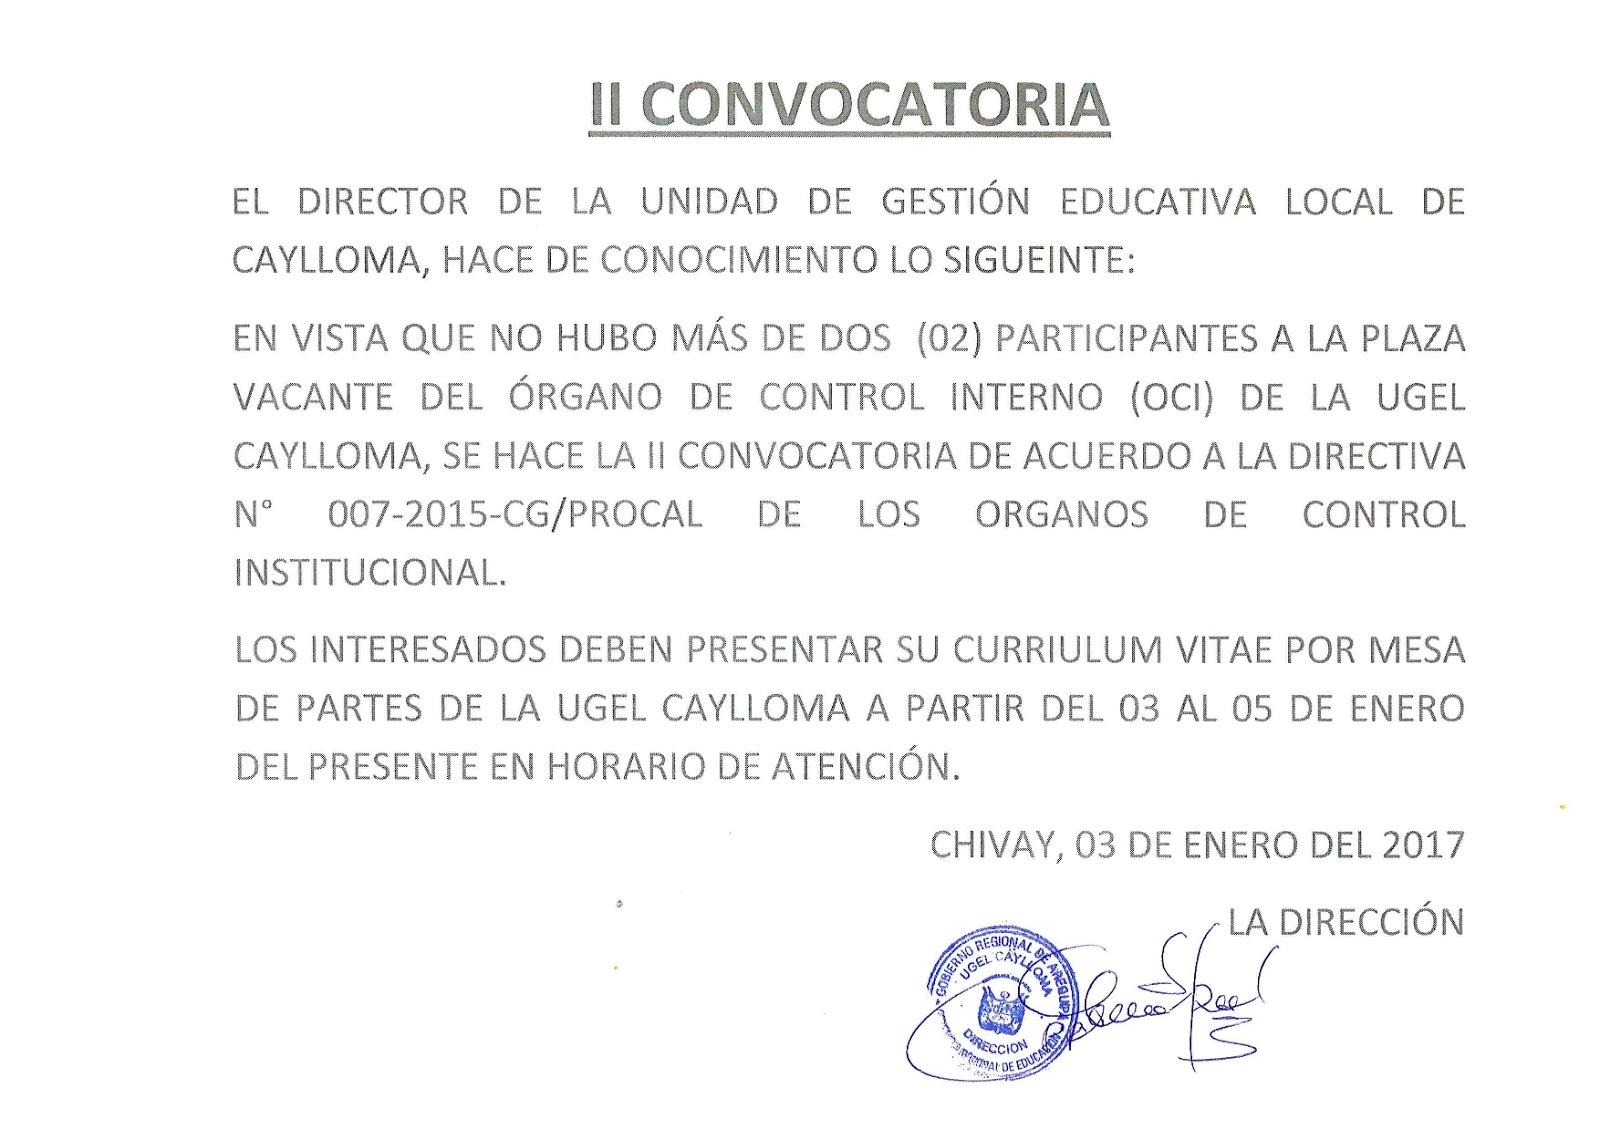 Ii convocatoria para cargo rgano de control interno for Convocatoria de plazas docentes 2017